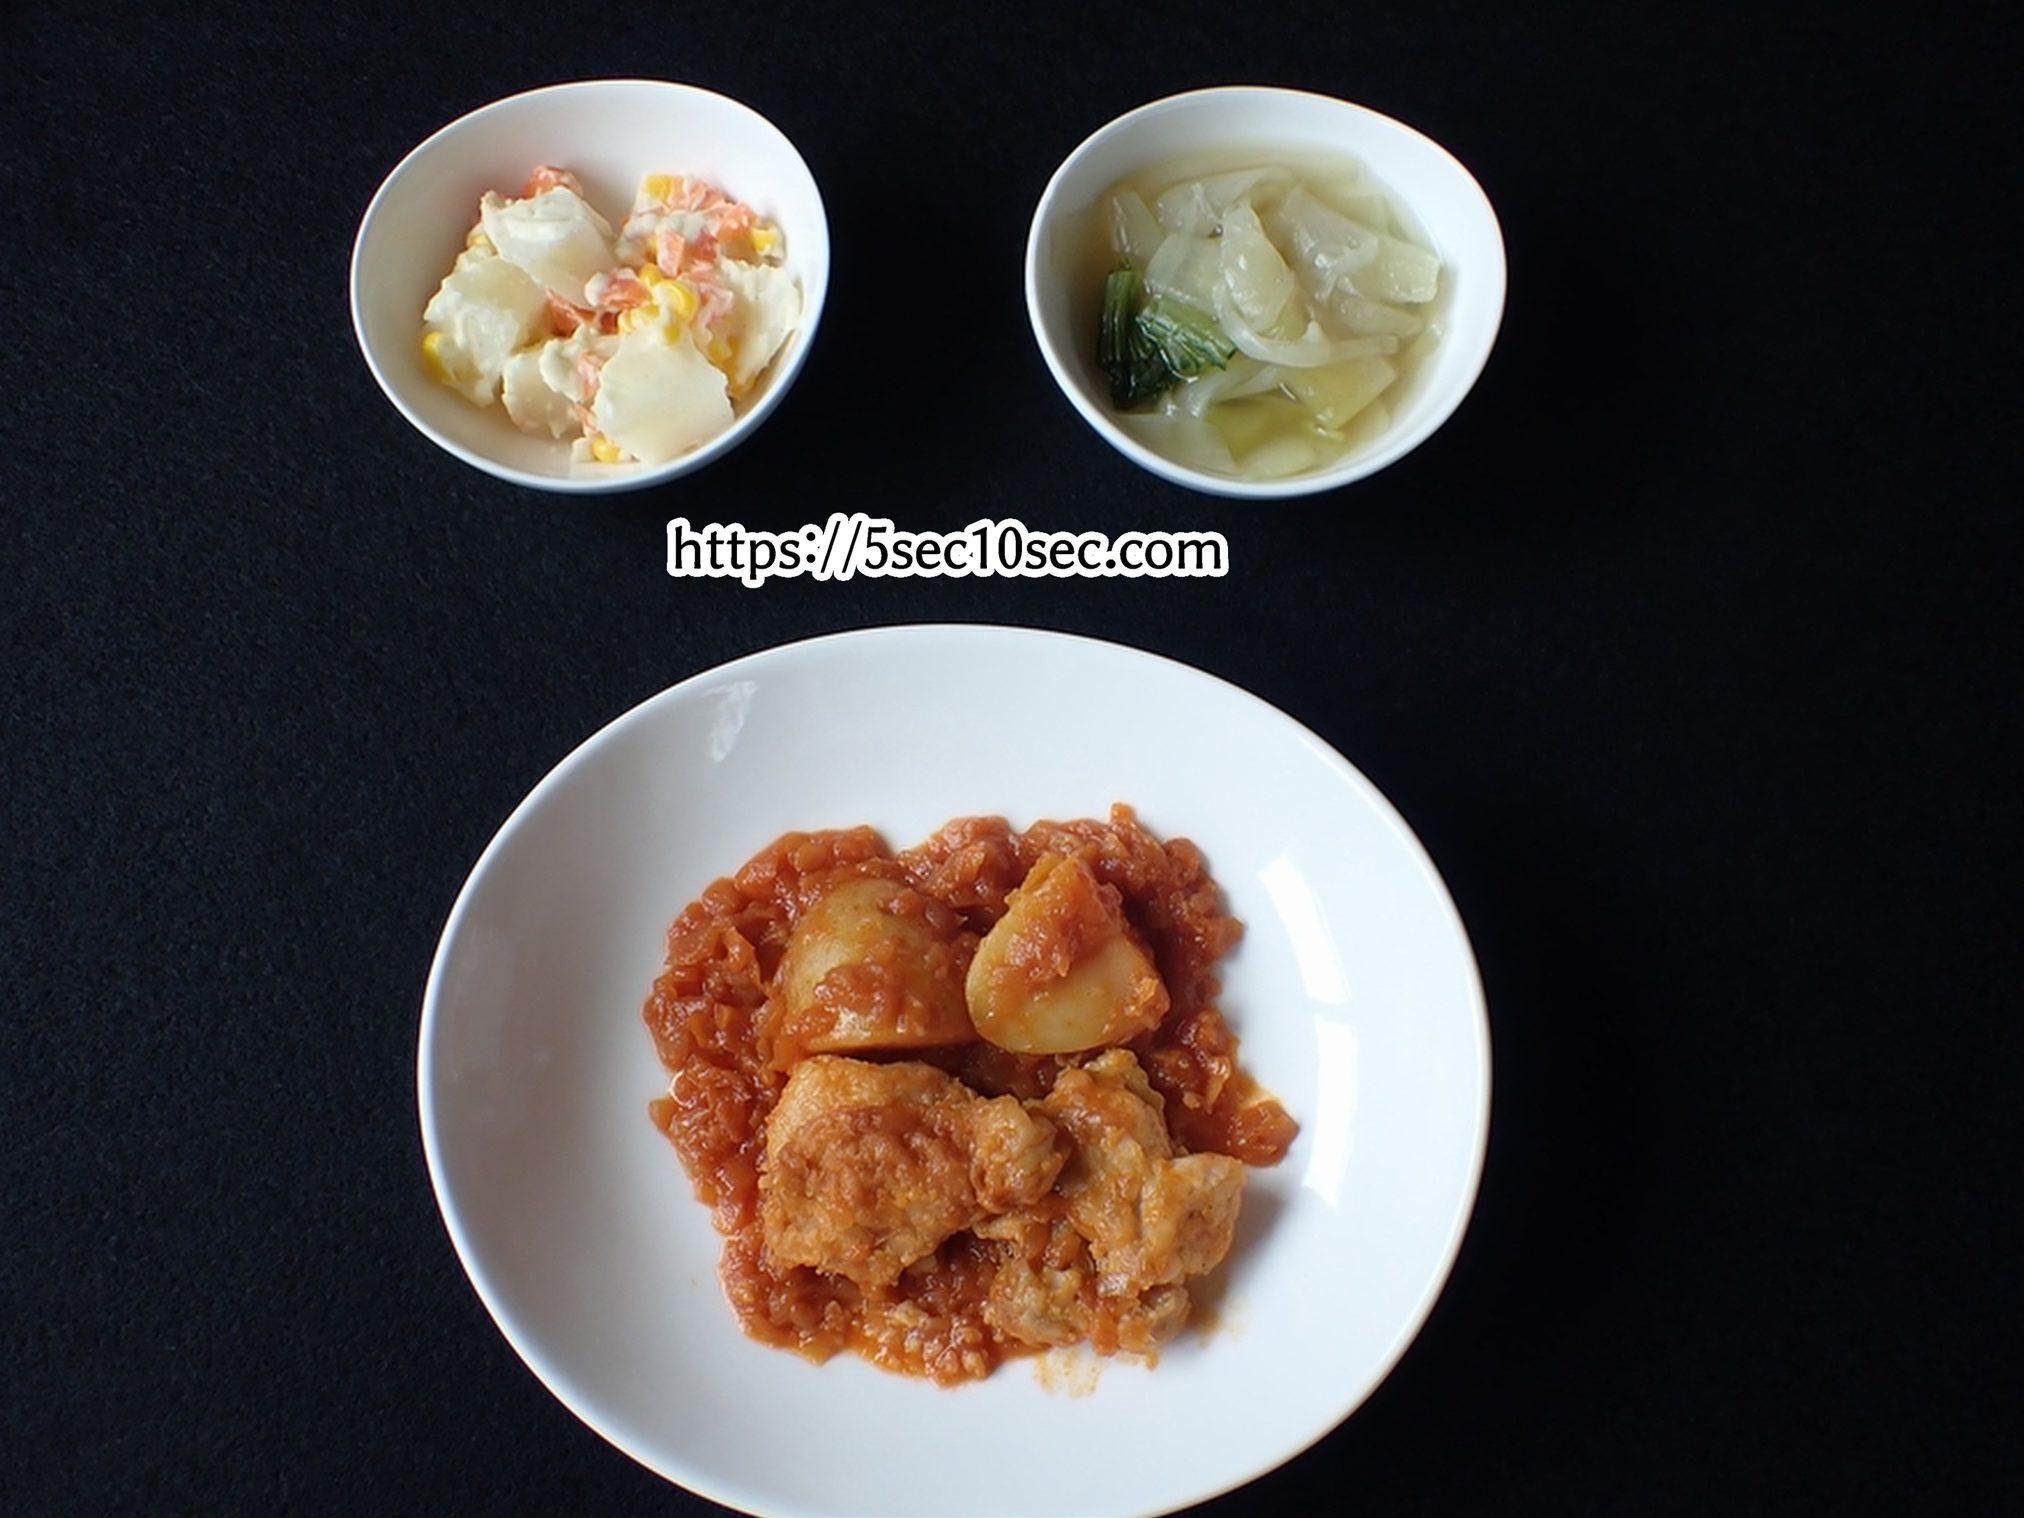 わんまいる 健幸ディナー 桜島鶏のトマトカレーチャップセット 解凍後にお皿に盛りつけた写真